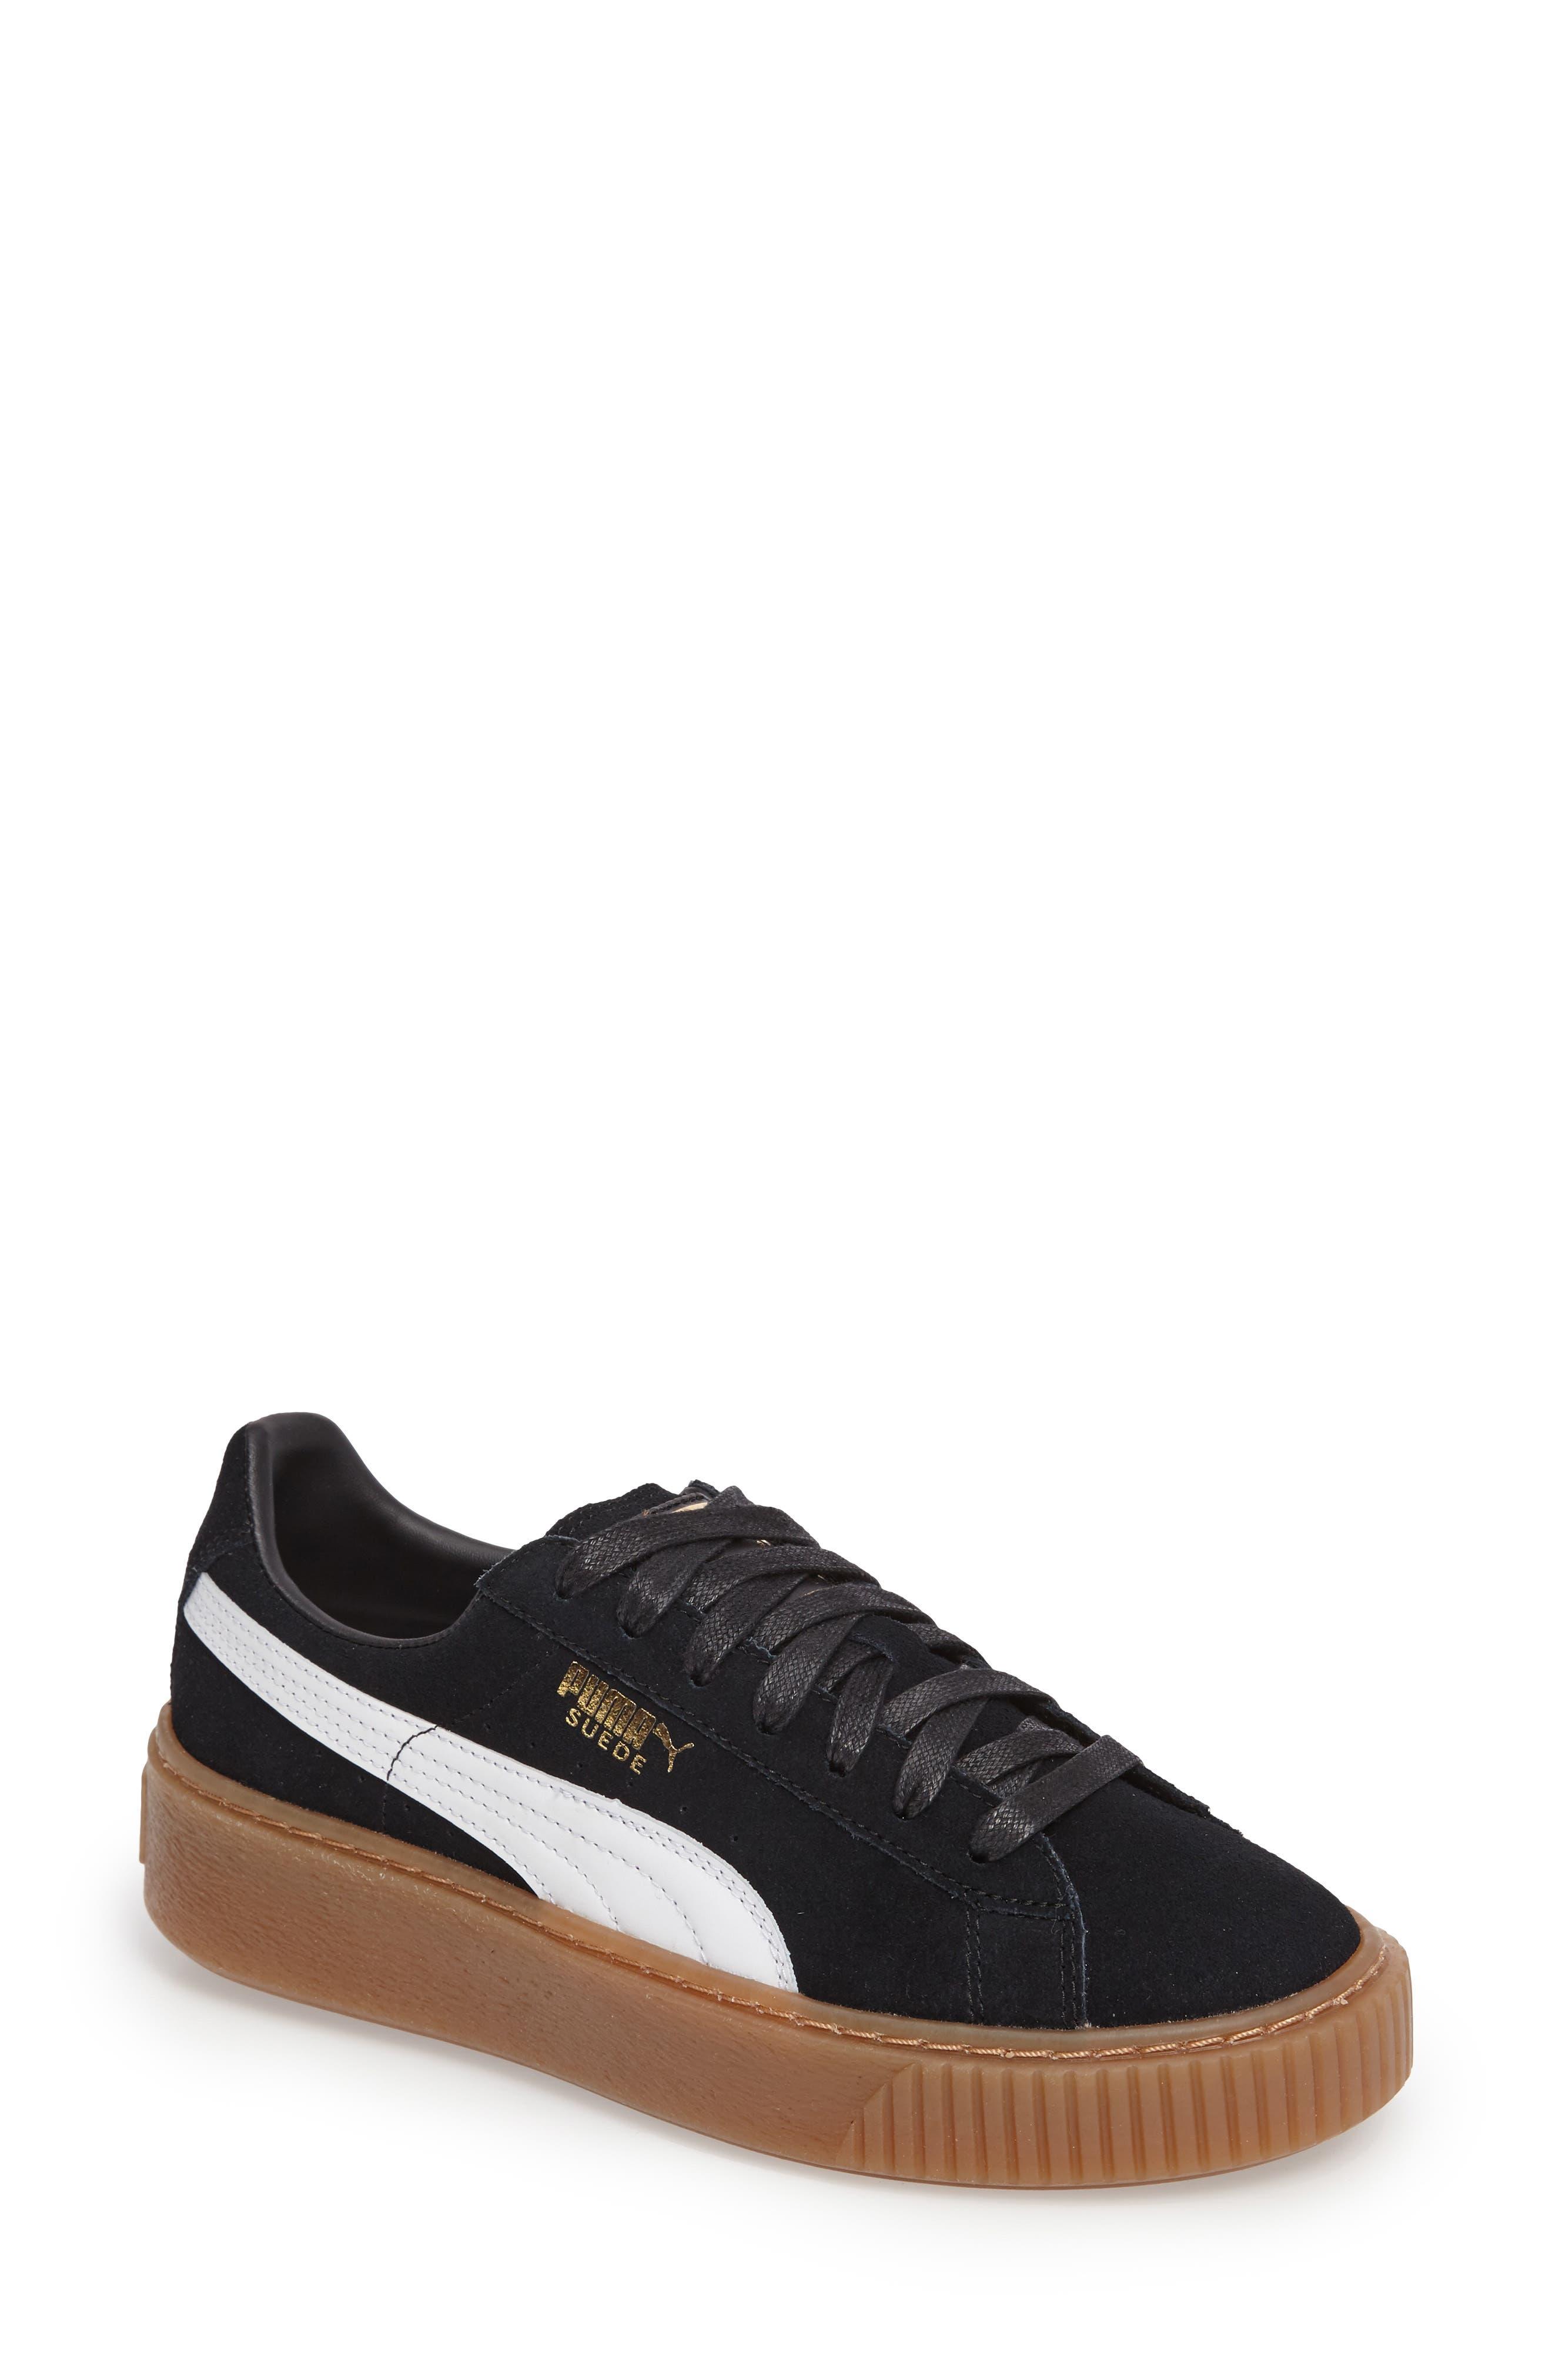 PUMA, Suede Platform Core Sneaker, Main thumbnail 1, color, 001